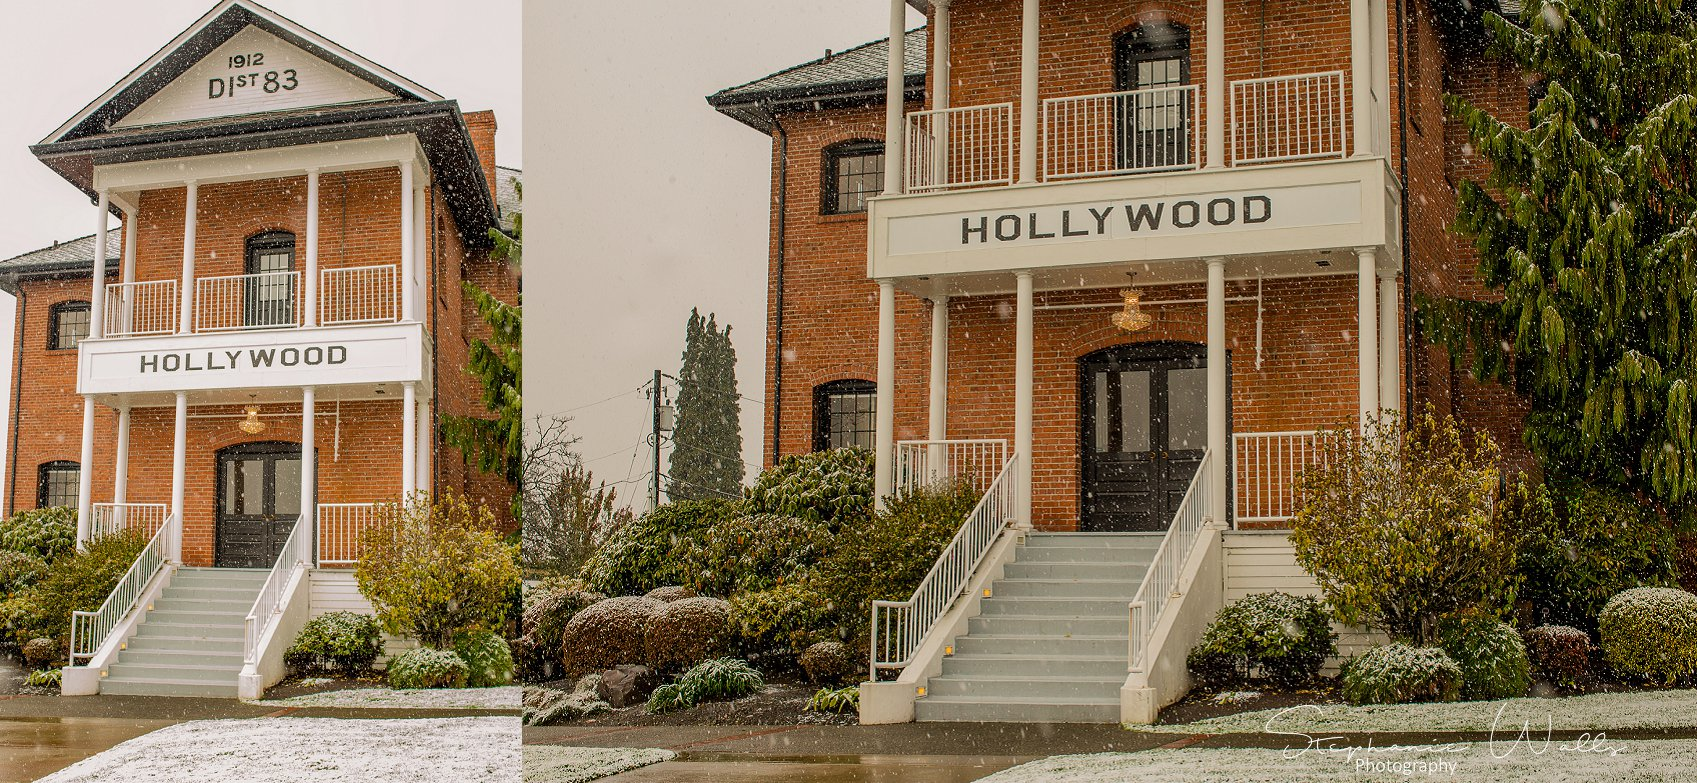 Olson Details 001 KK & Zack   Hollywood Schoolhouse Wedding   Woodinville, Wa Wedding Photographer